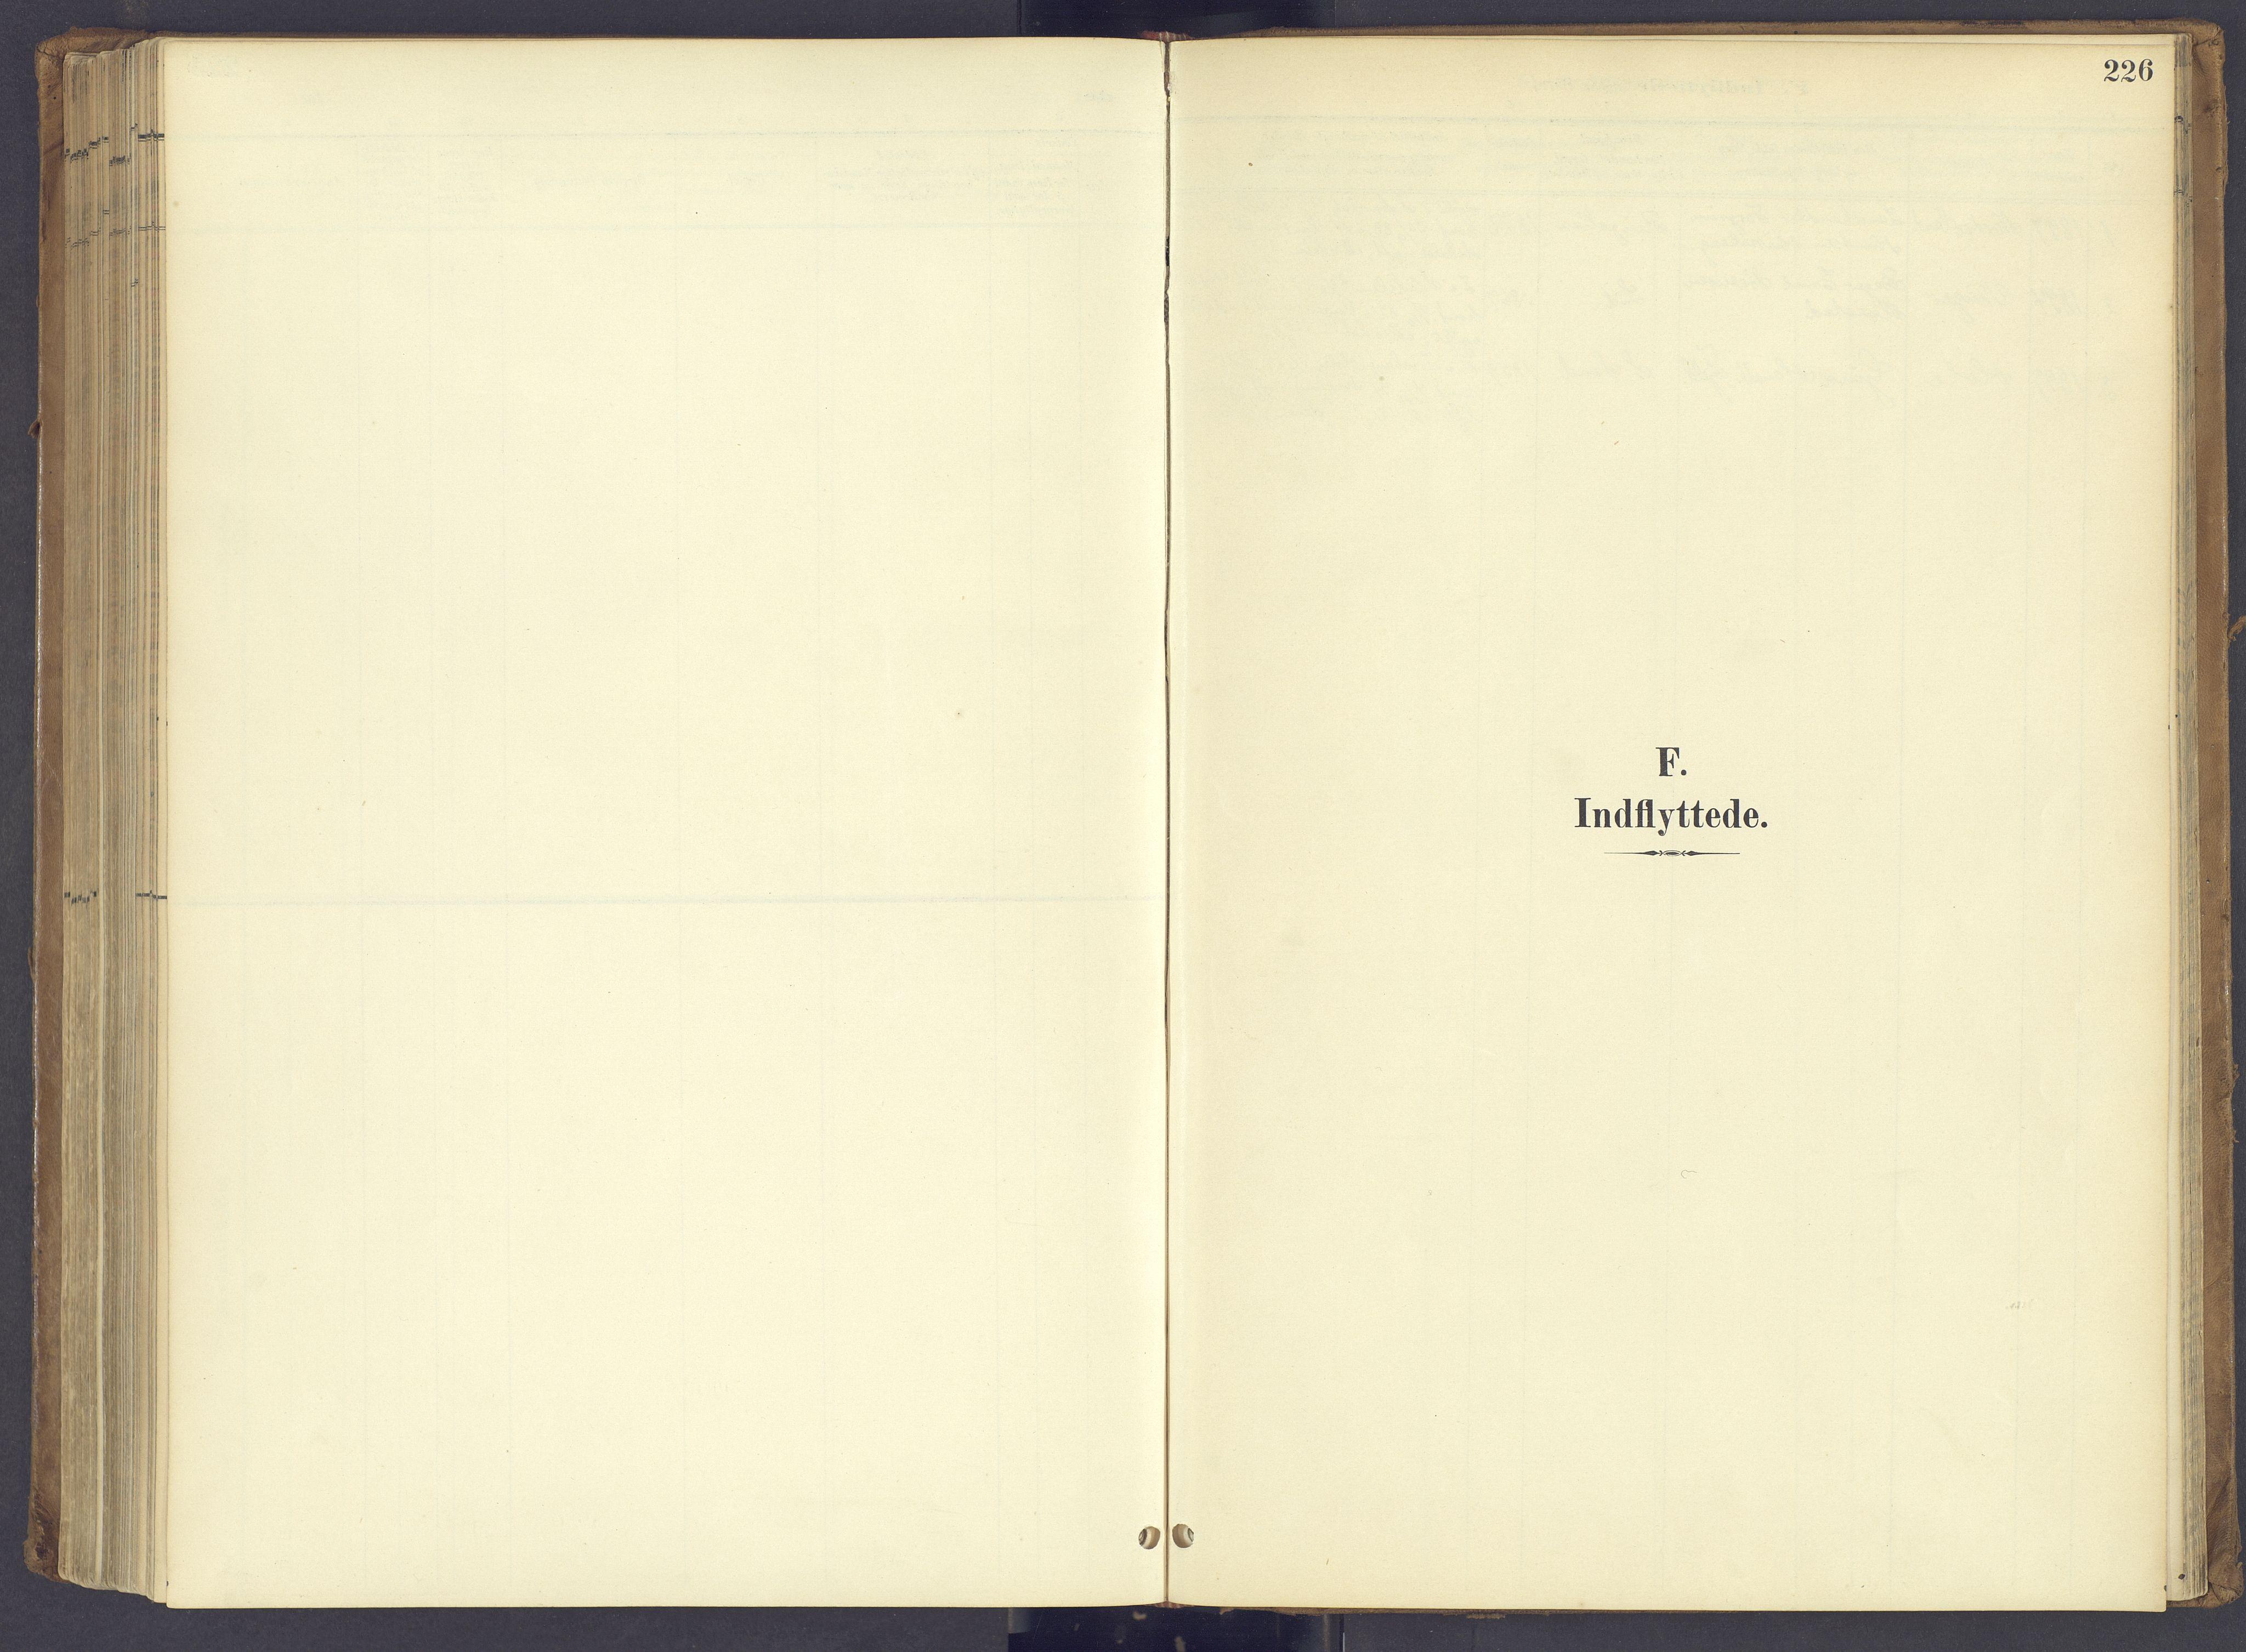 SAH, Søndre Land prestekontor, K/L0006: Ministerialbok nr. 6, 1895-1904, s. 226